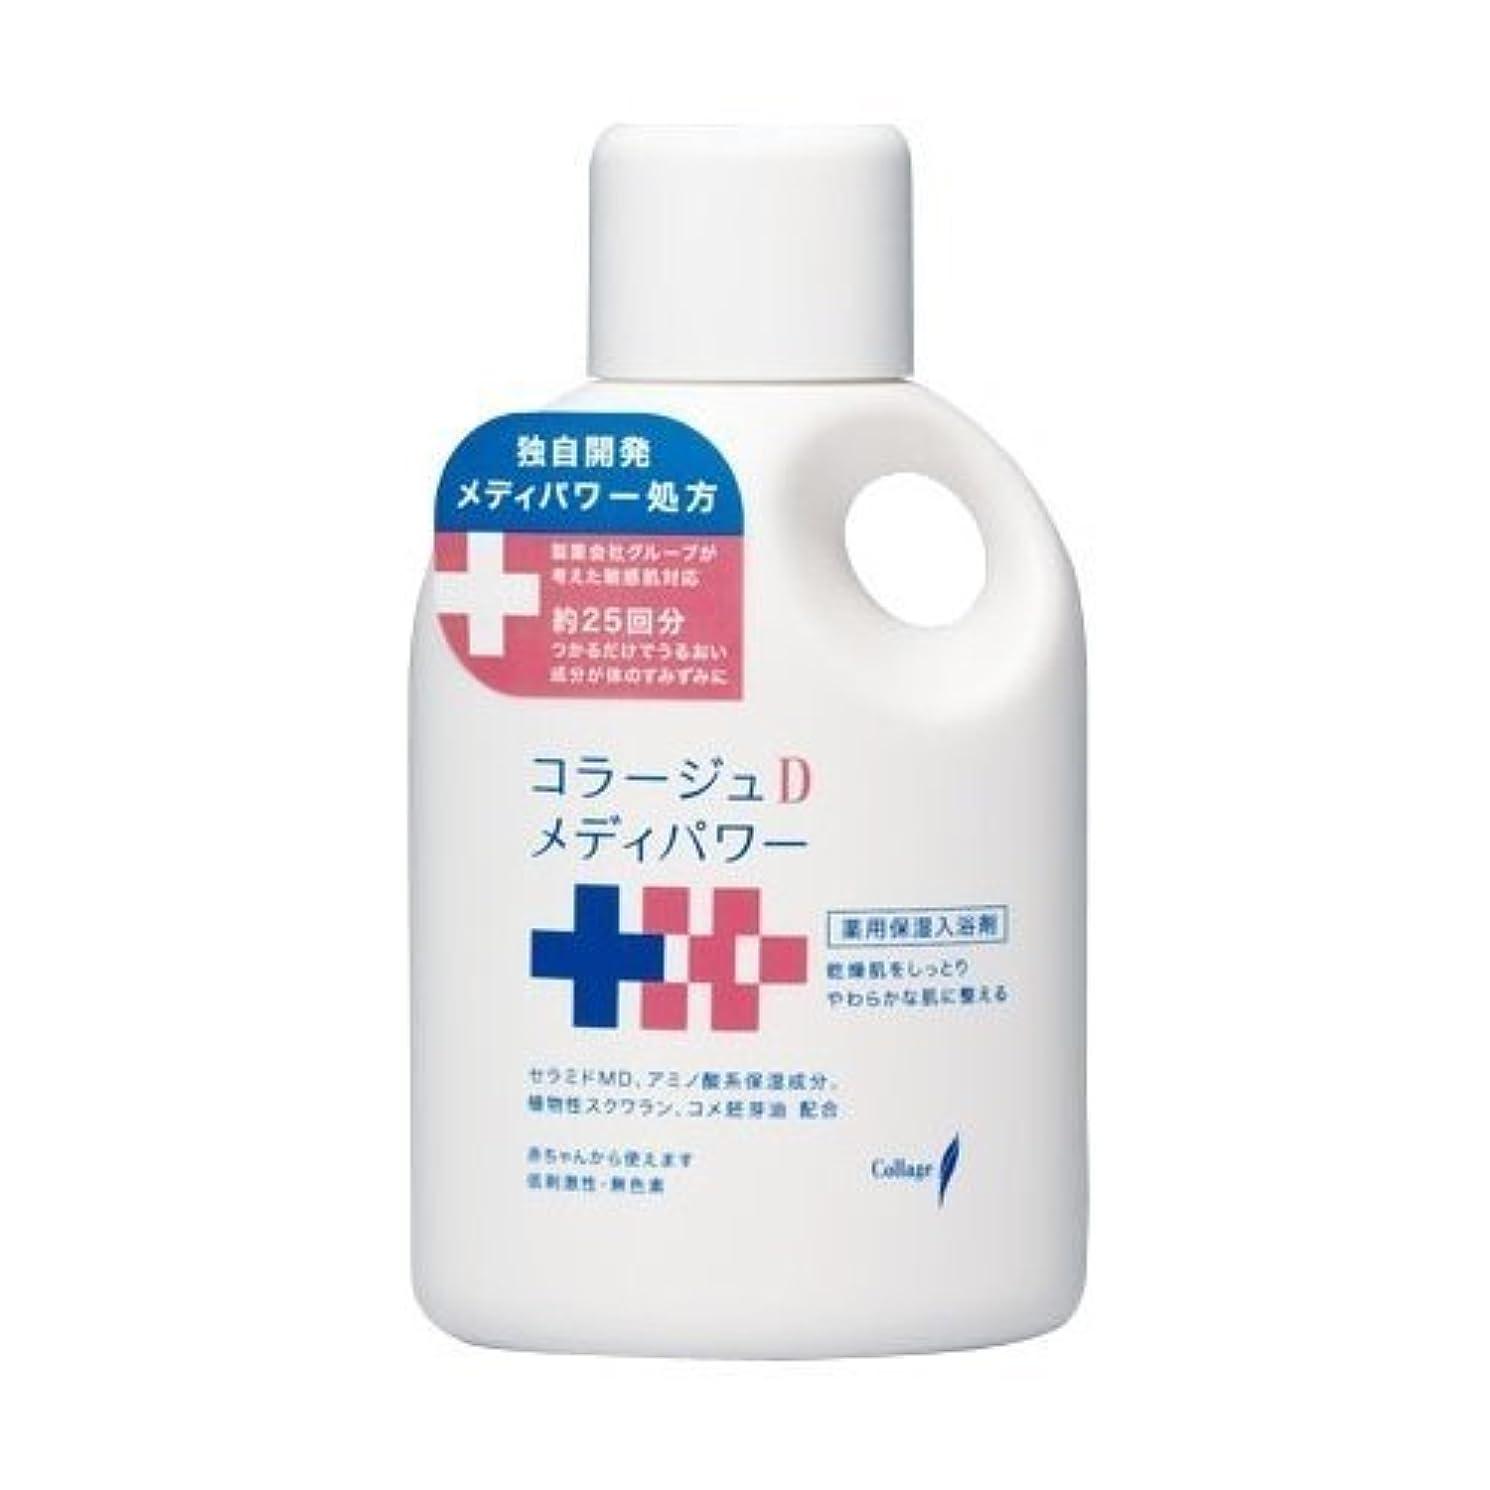 食い違いヘビスイングコラージュ Dメディパワー 保湿入浴剤 500mL×6個